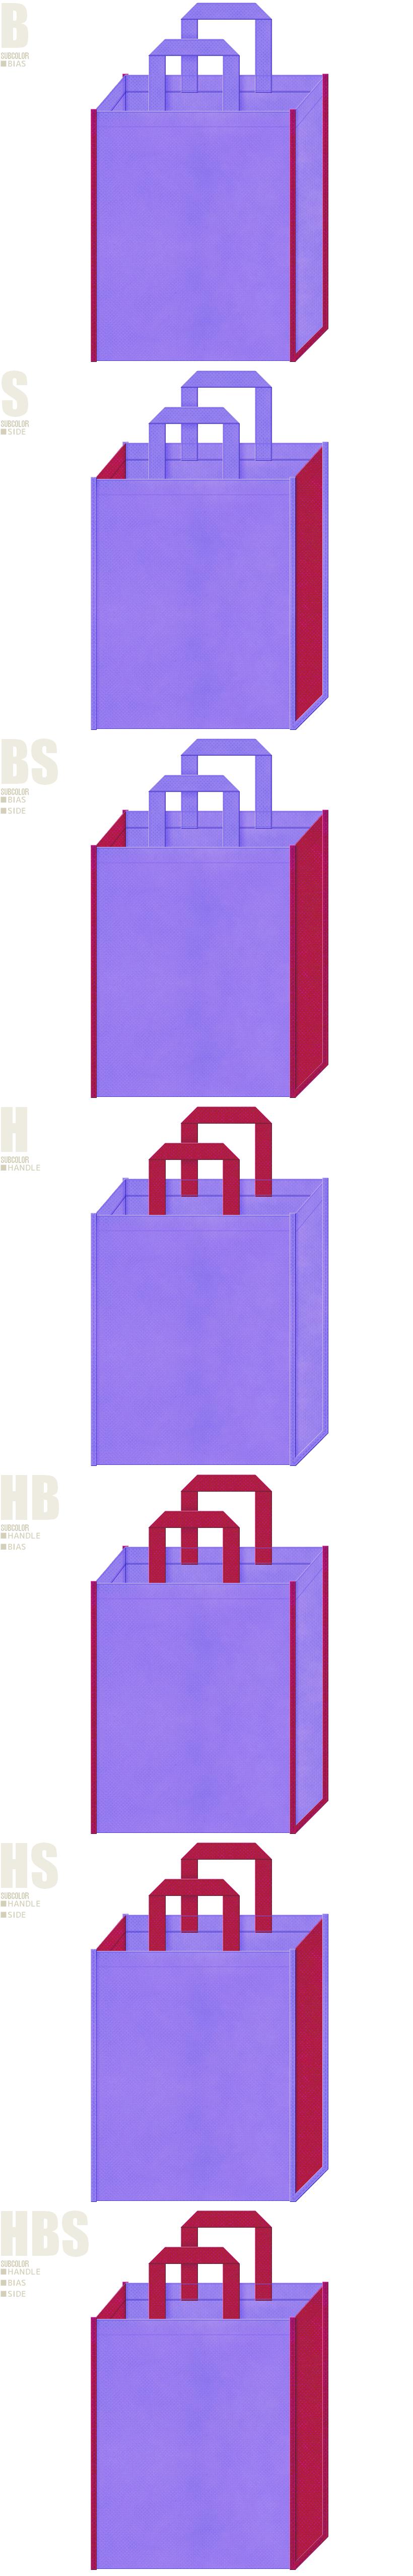 明るめの紫色と濃いピンク色、7パターンの不織布トートバッグ配色デザイン例。